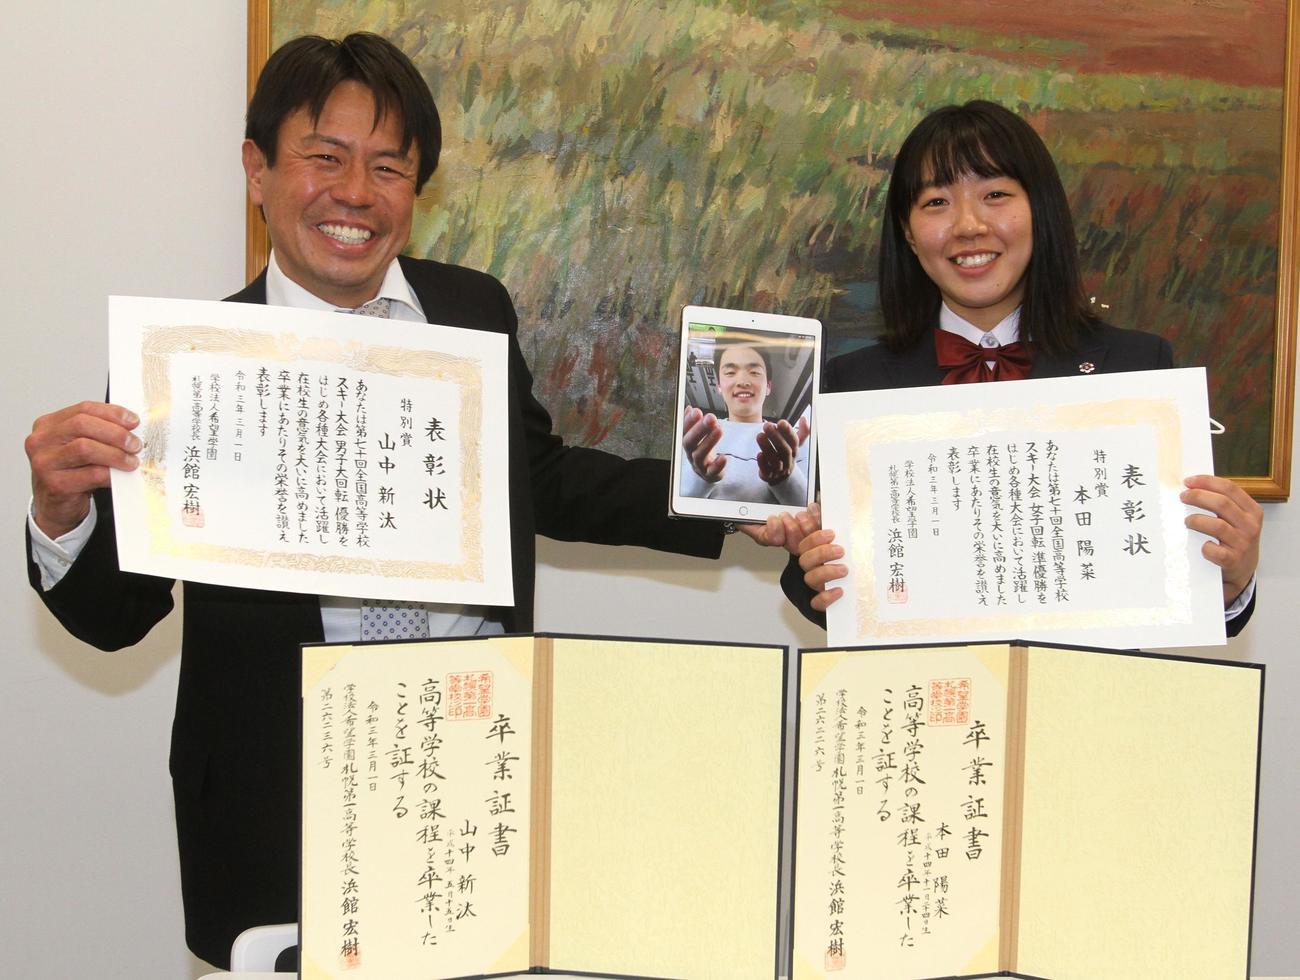 3日遅れの卒業式に出席した札幌第一の本田(右)。左はリモートで出席した山中が映るタブレットを持つ押切監督(撮影・奥村晶治)